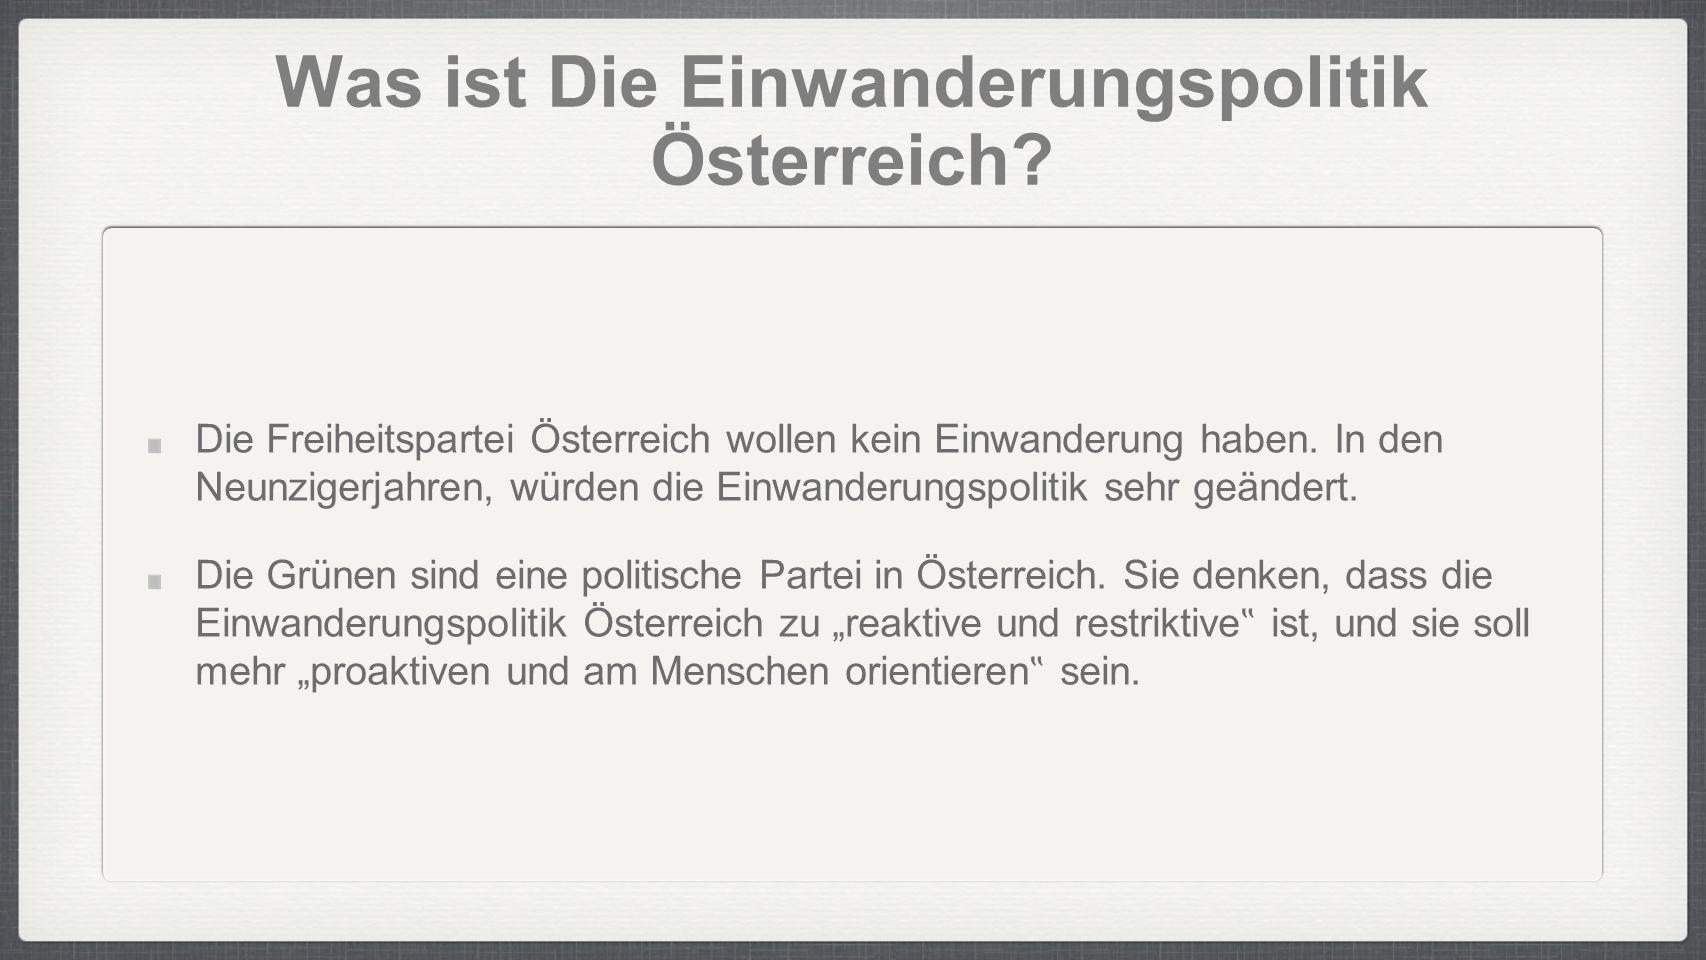 Was ist Die Einwanderungspolitik Österreich? Die Freiheitspartei Österreich wollen kein Einwanderung haben. In den Neunzigerjahren, würden die Einwand